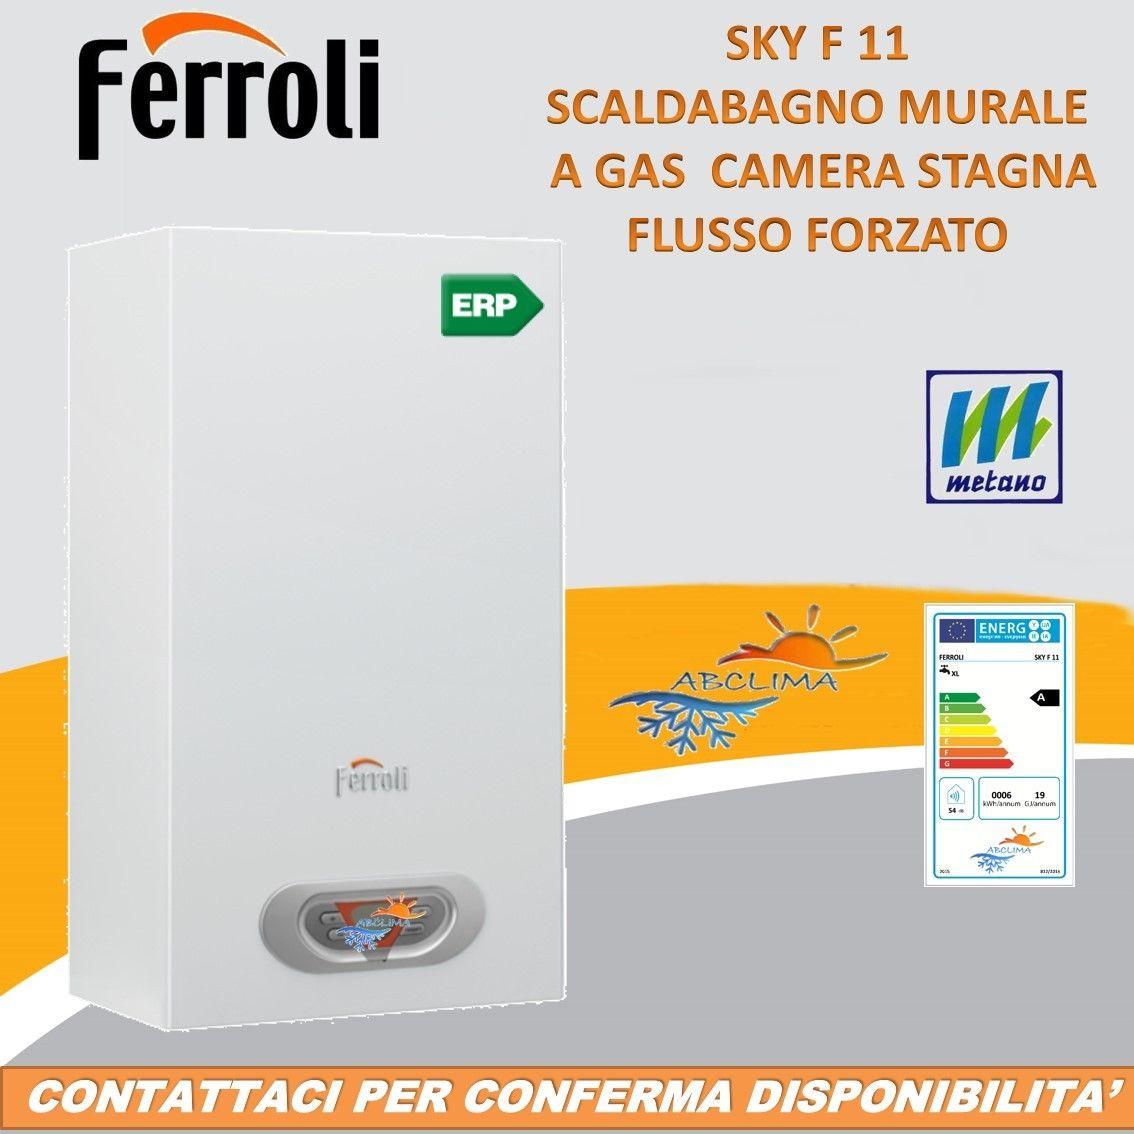 Scaldabagno murale ferroli sky 11f camera stagna tiraggio - Scaldabagno a metano camera stagna ...